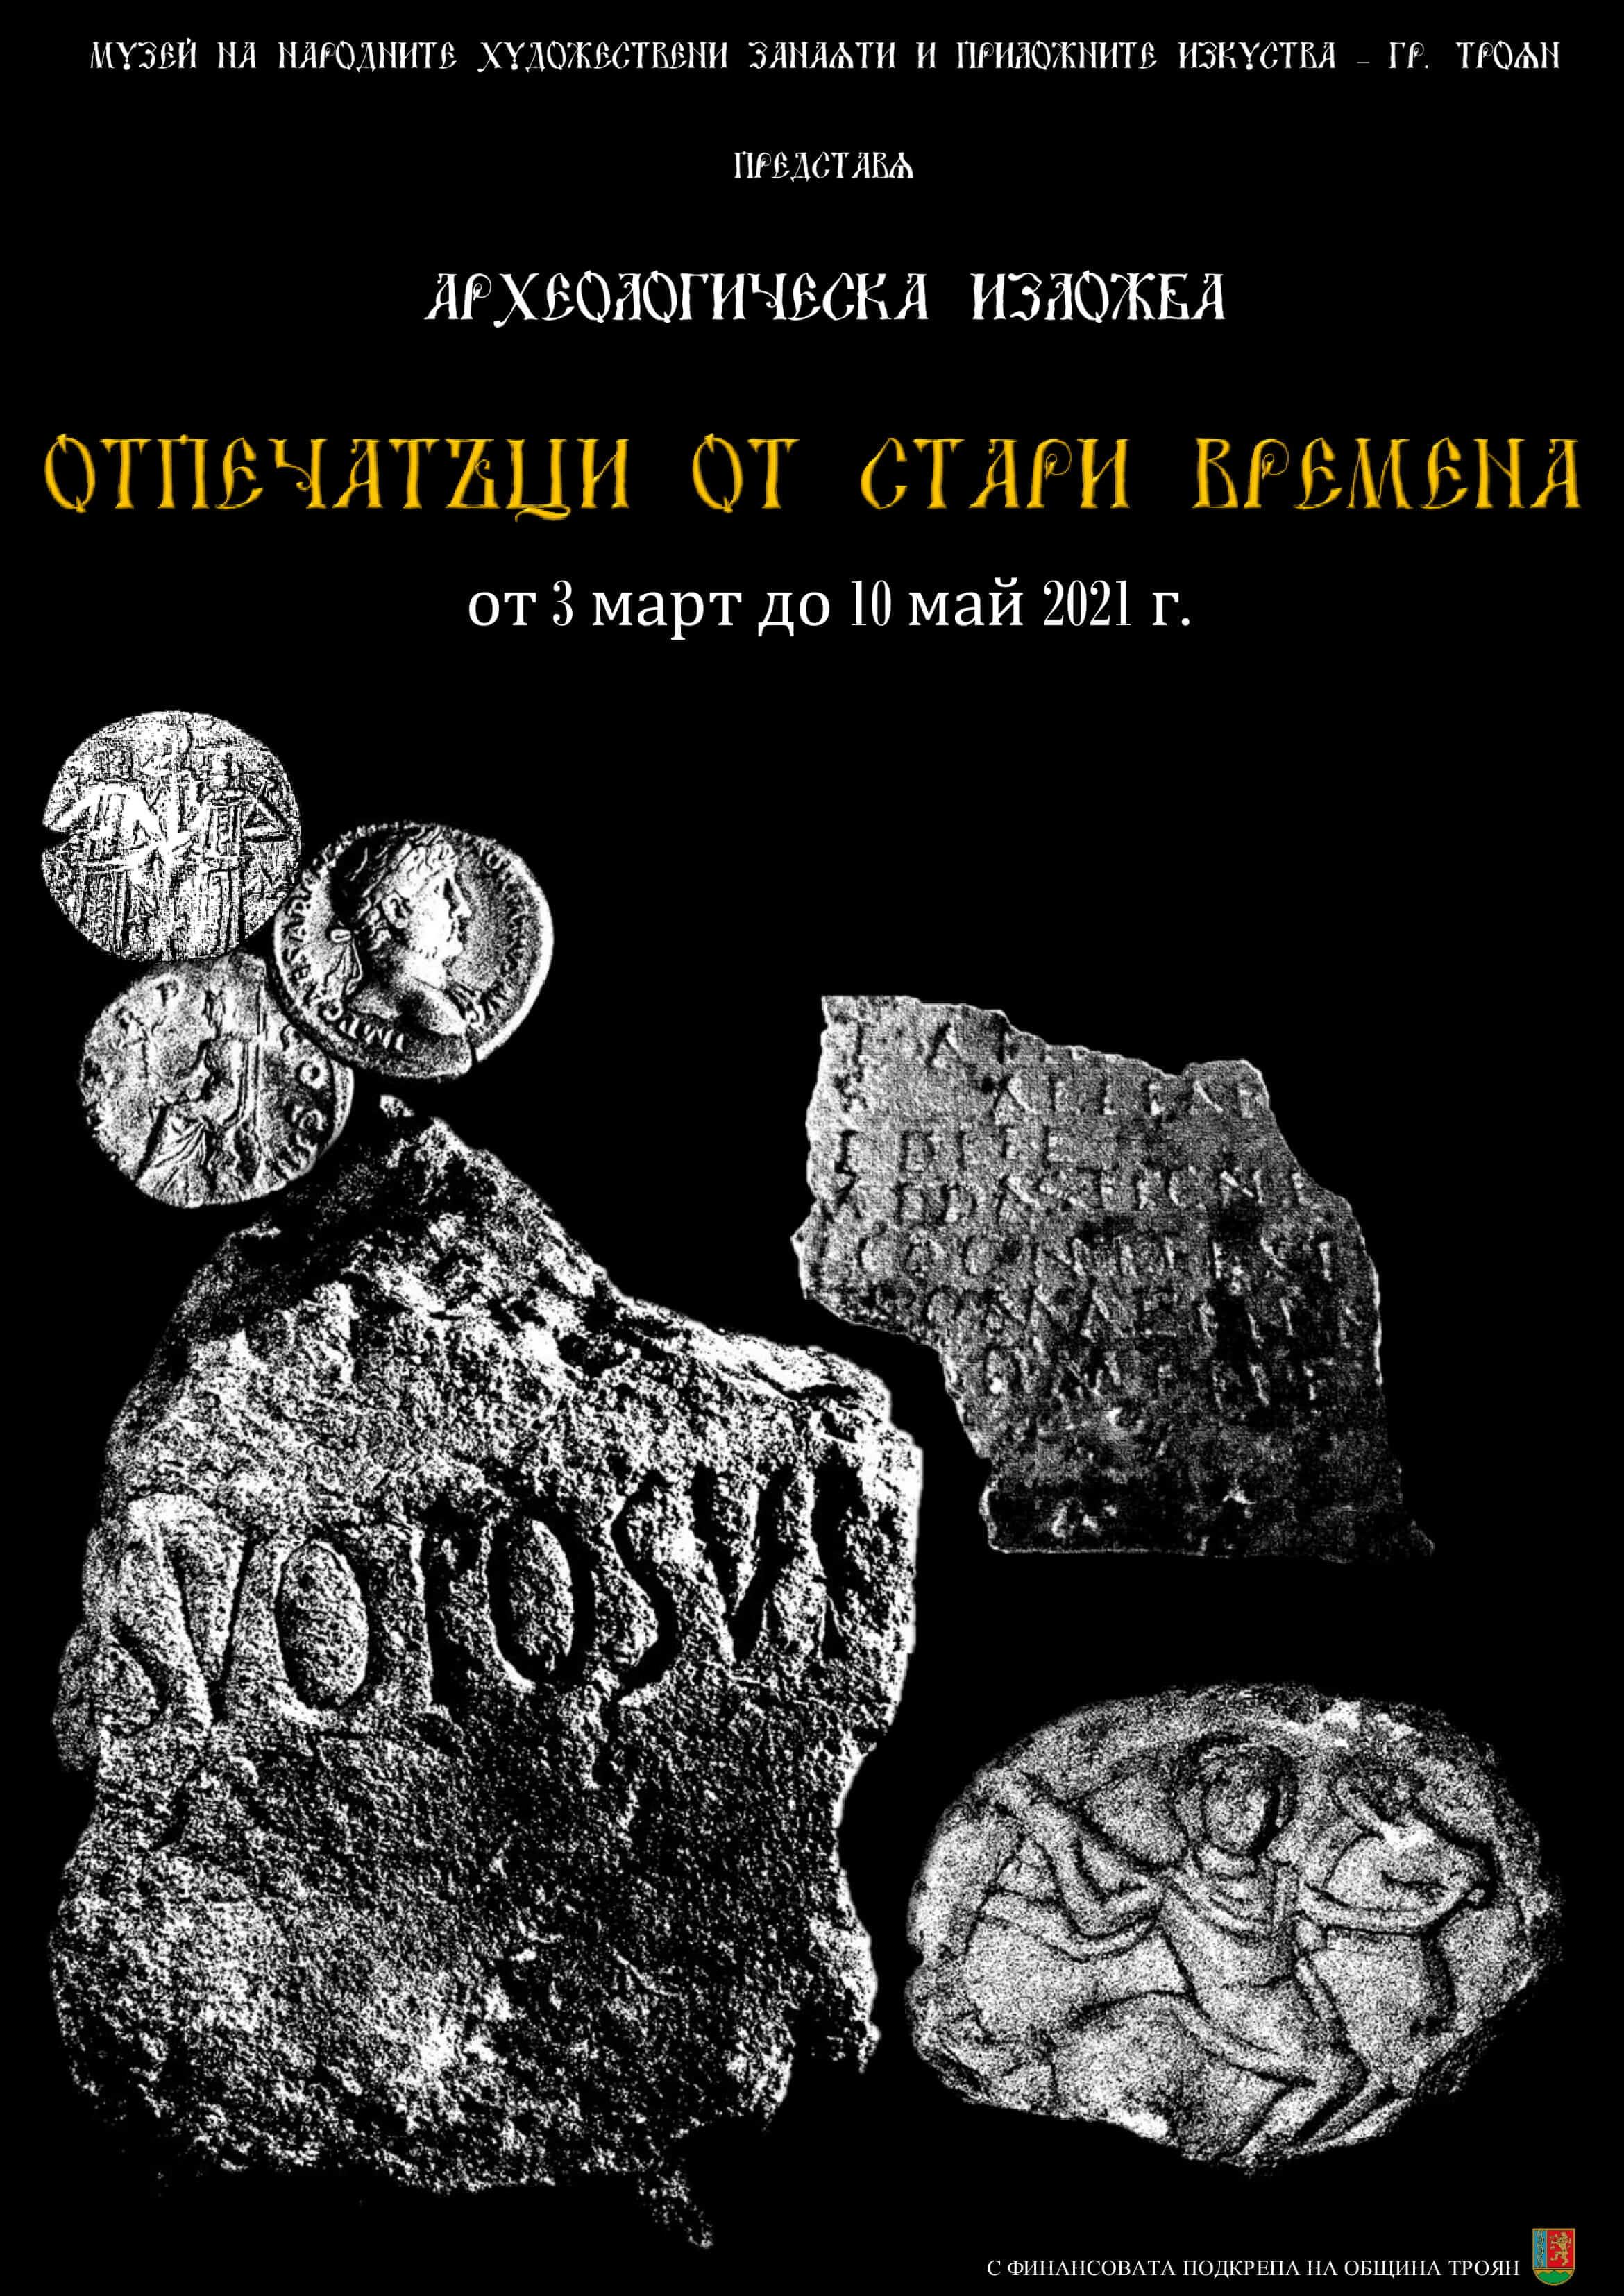 otpechataci-ot-stari-vremena-arheologicheska-izlozhba